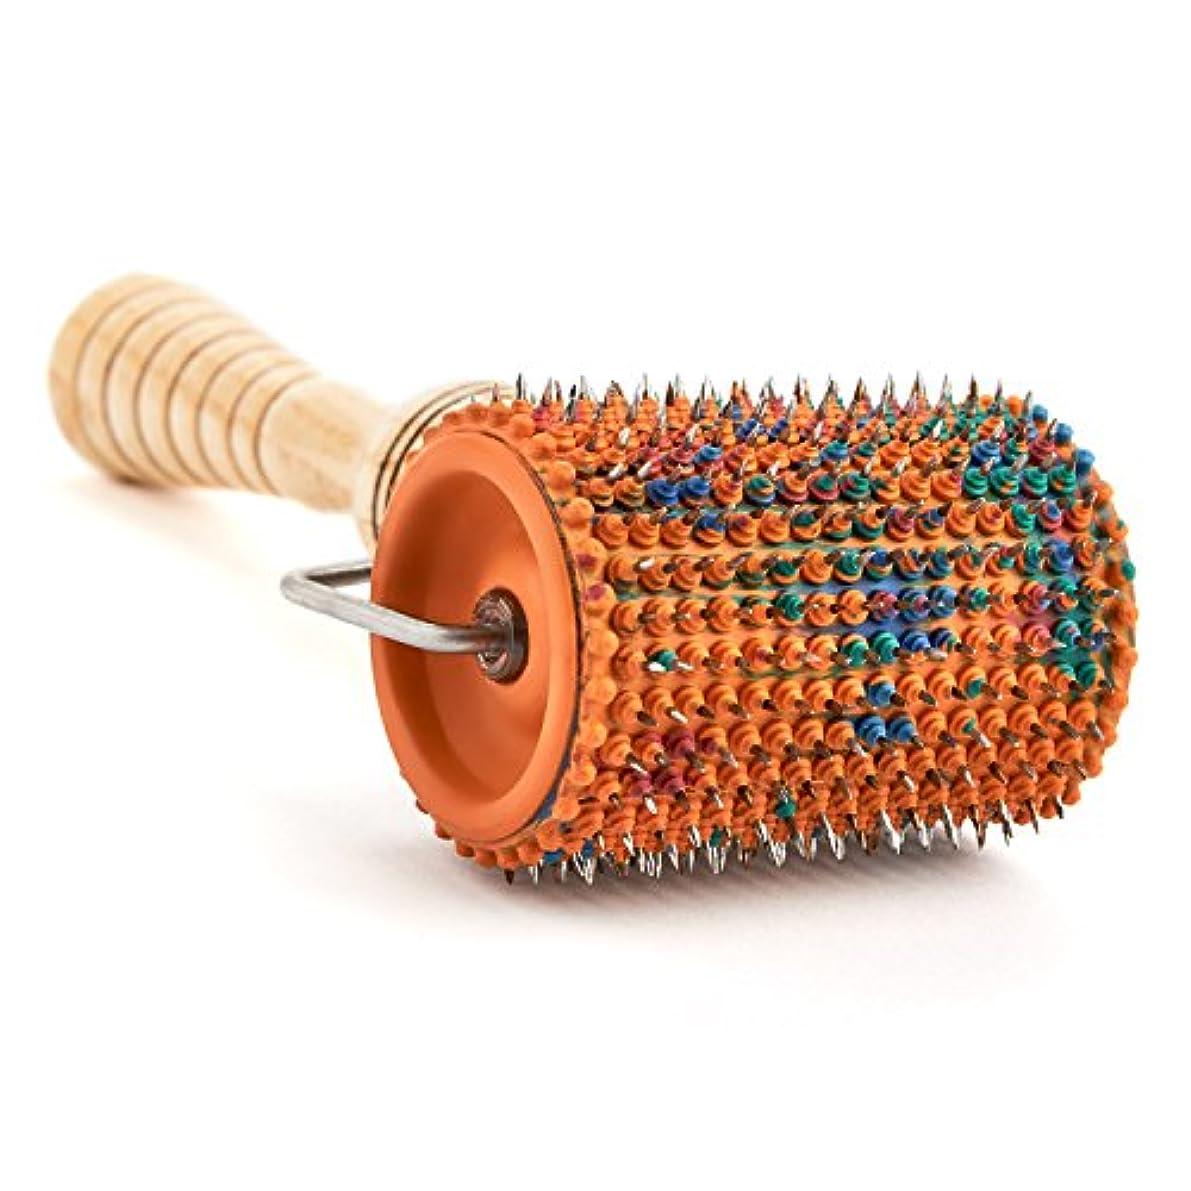 賢明な織機虚偽Acupuncture for Body Massage - Acupressure Applicator Lyapko Roller UNIVERSAL-M (with rubber bushings) by Lyapko